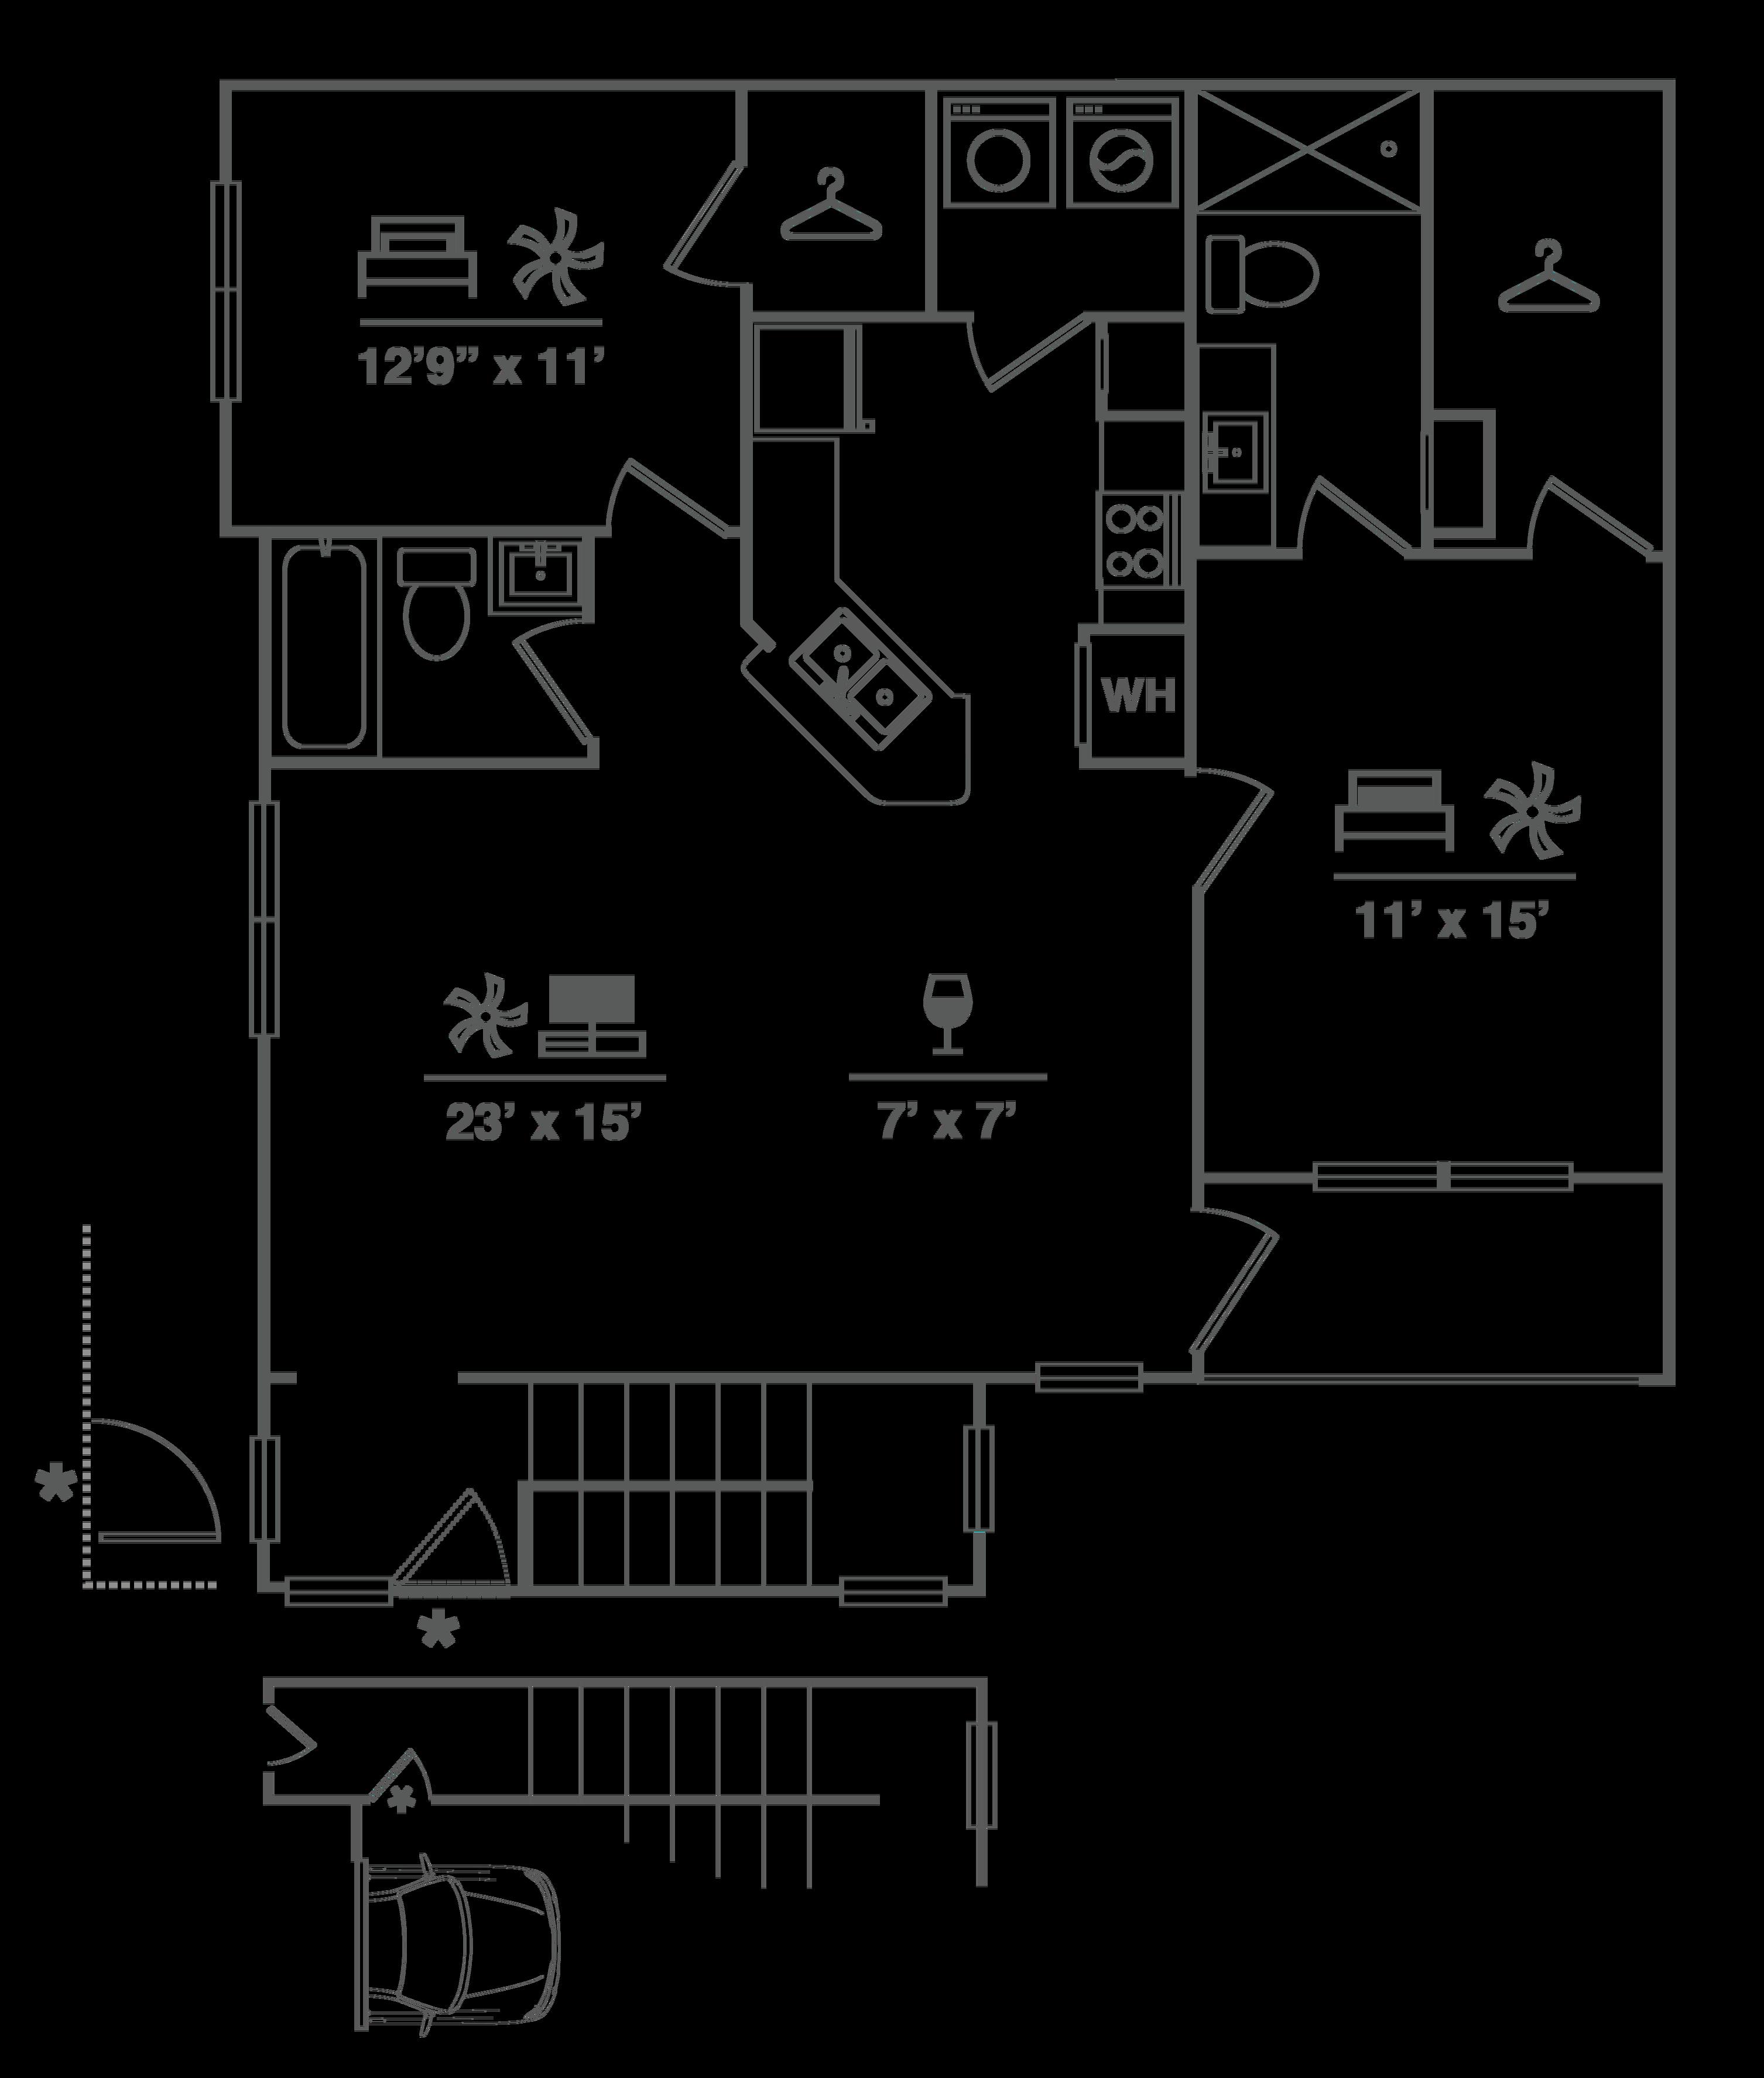 B1UGa Floor Plan Image